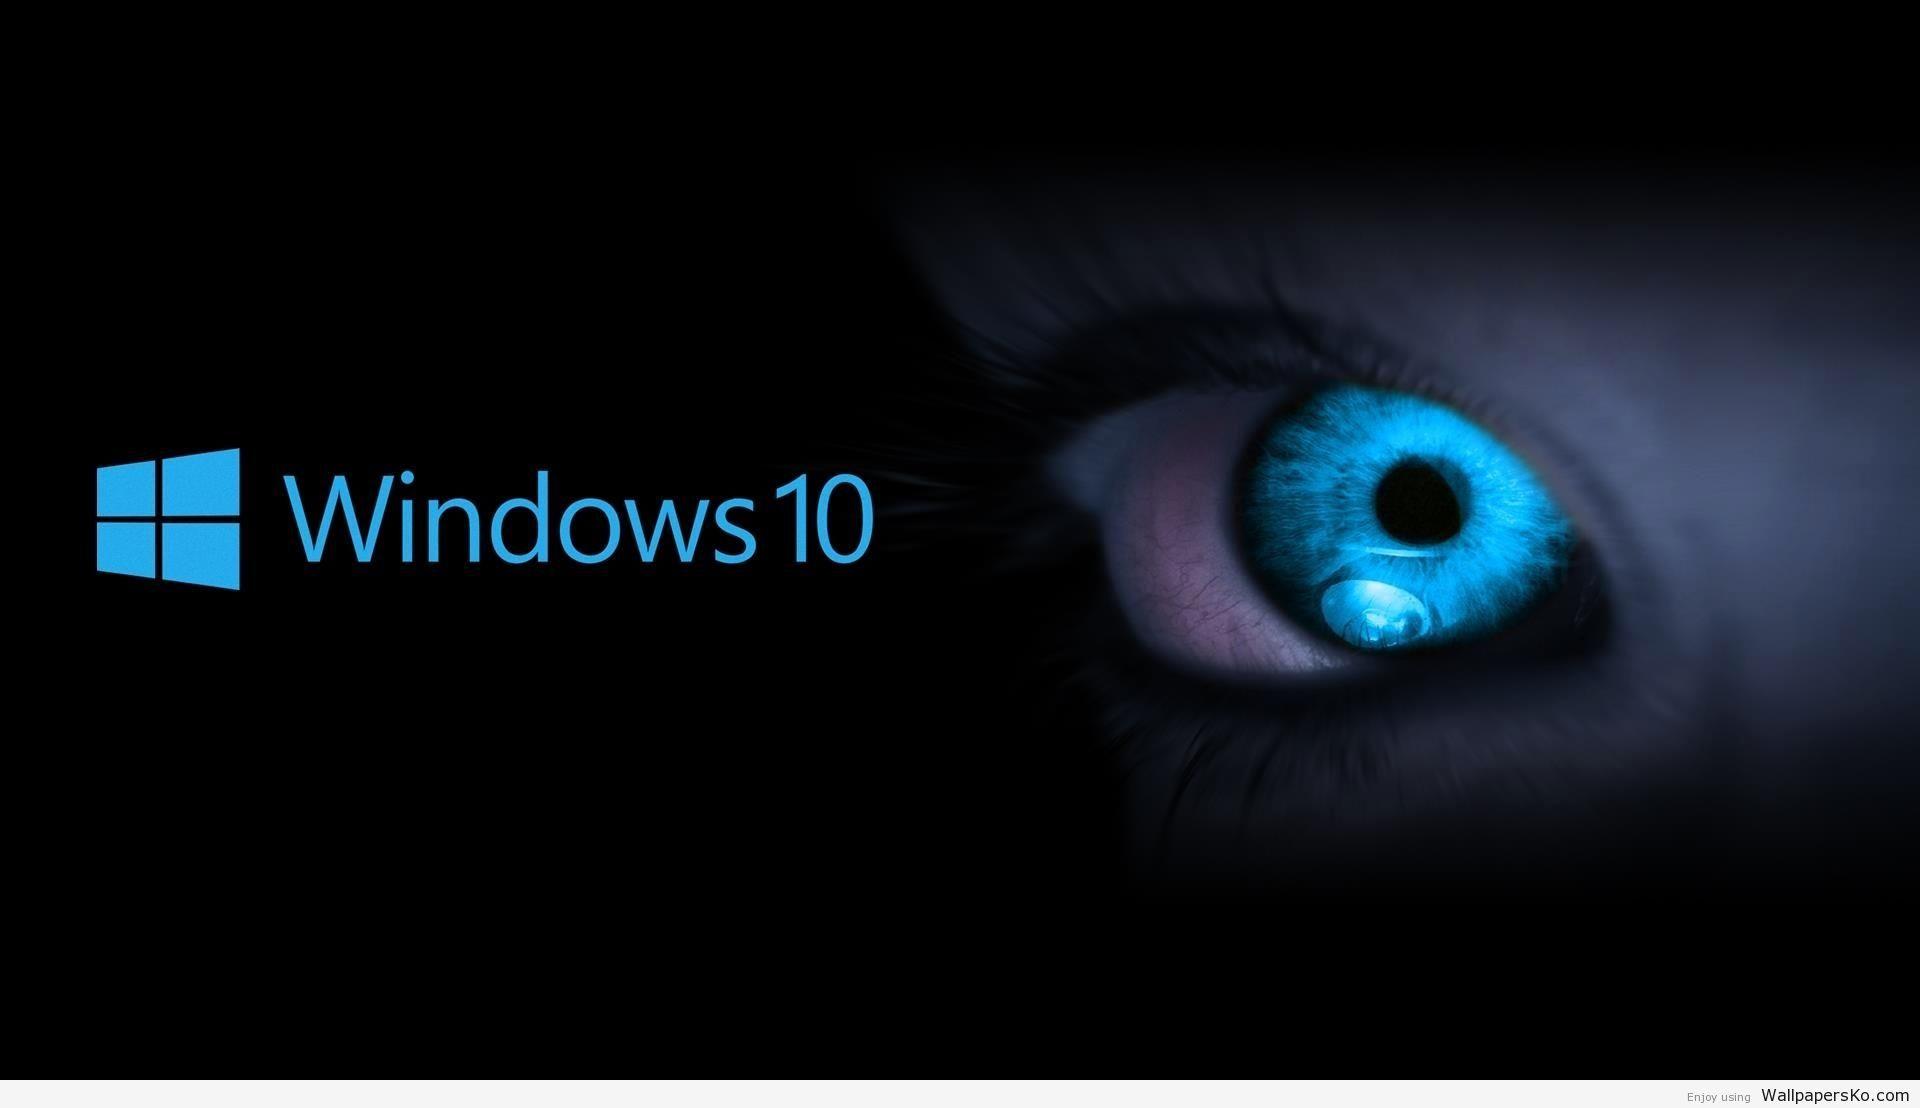 Windows 10 Wallpaper Hd 3d For Desktop Http Wallpapersko Com Windows 10 Wallpaper Hd 3d For Des Wallpaper Windows 10 Windows Wallpaper Hd Wallpaper Desktop